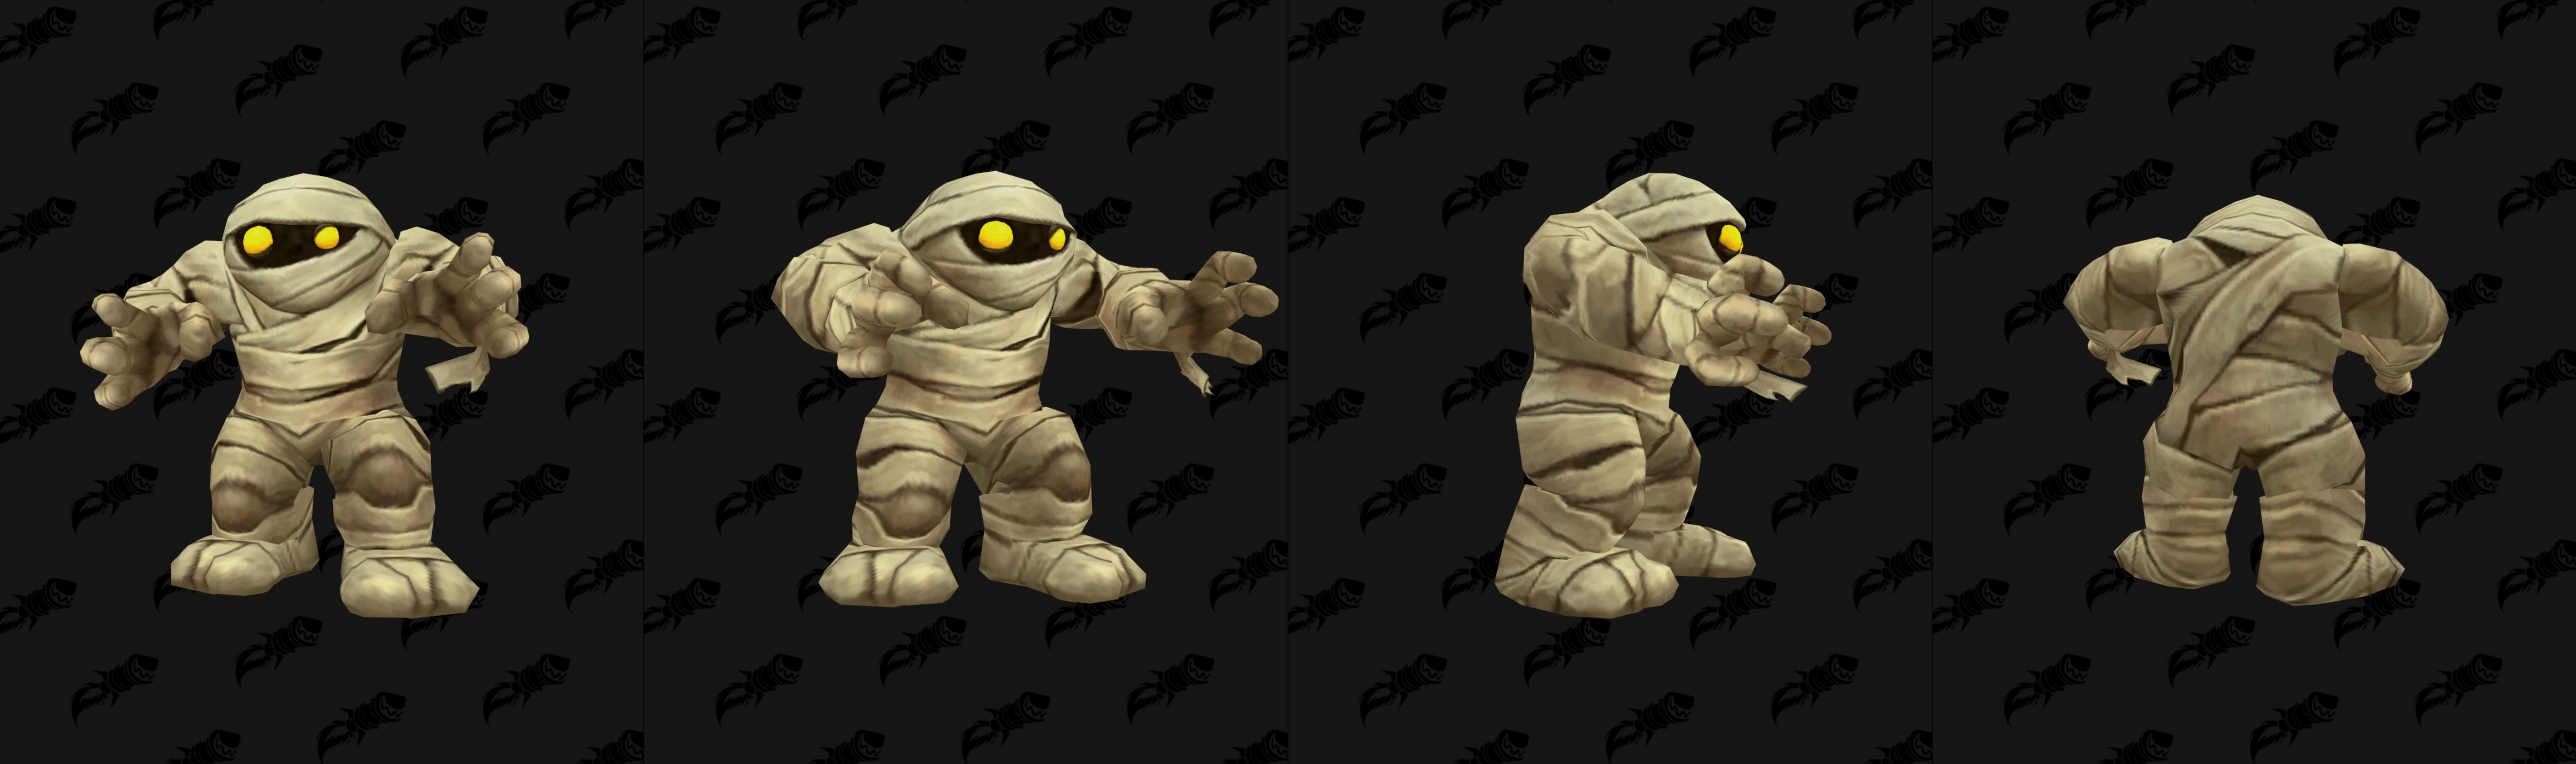 Modèle de mascotte momie dans Battle for Azeroth